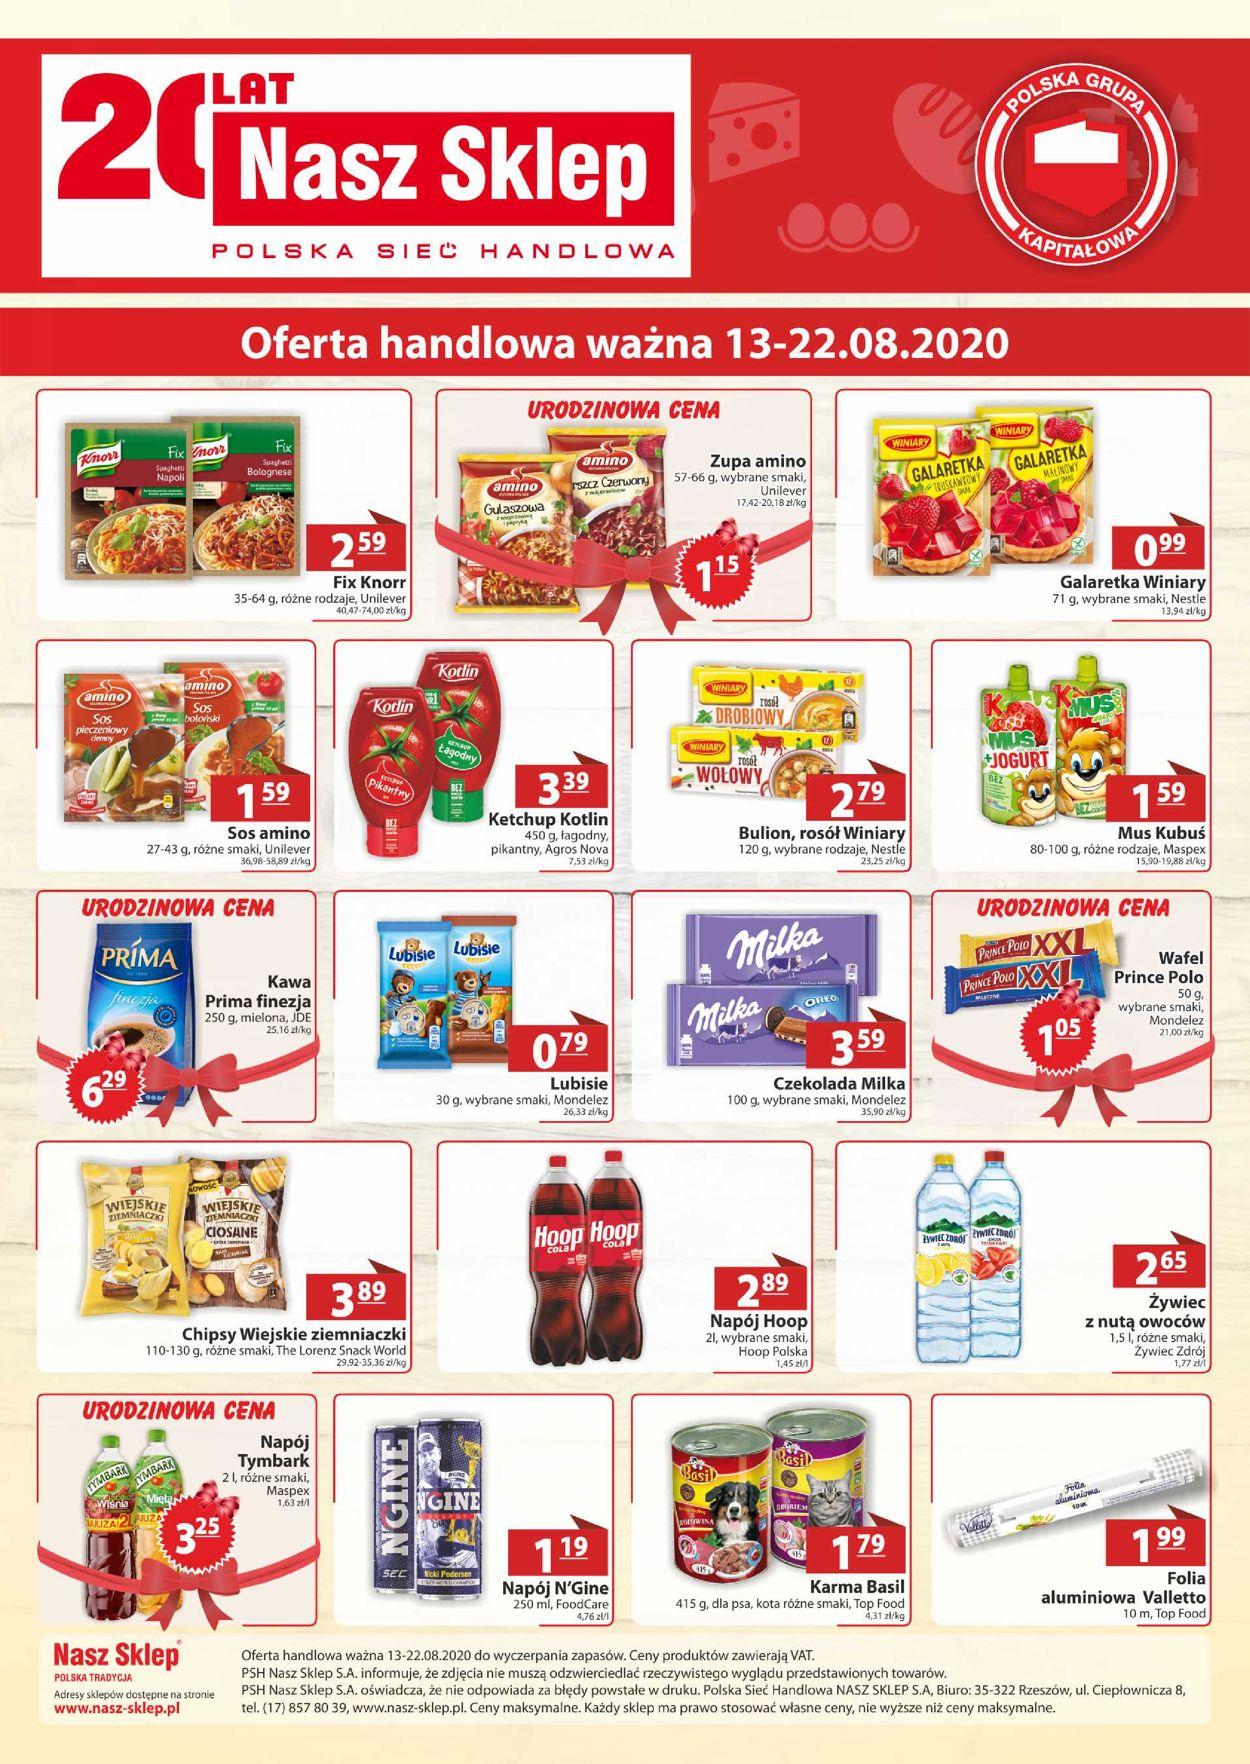 Gazetka promocyjna Nasz Sklep - 13.08-22.08.2020